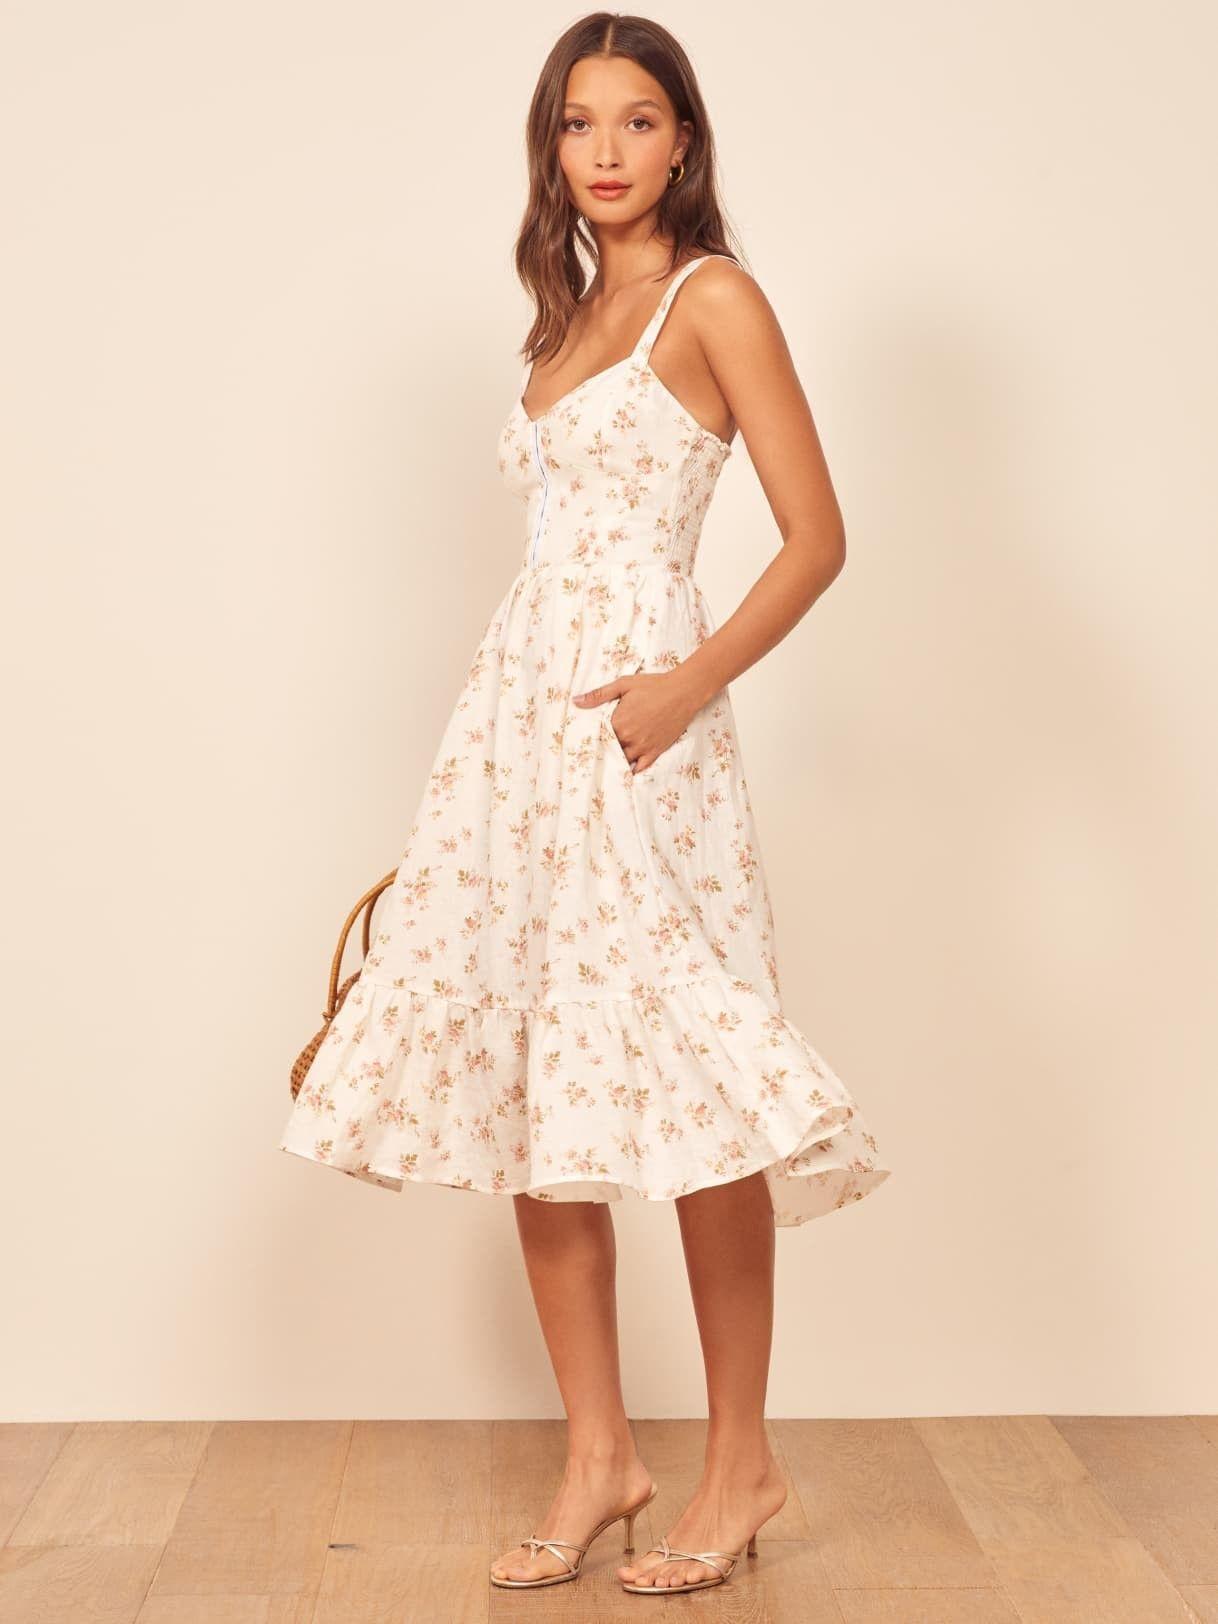 Italian Summer Dress Dresses Midi Length Dress Tori Dress [ 1624 x 1218 Pixel ]